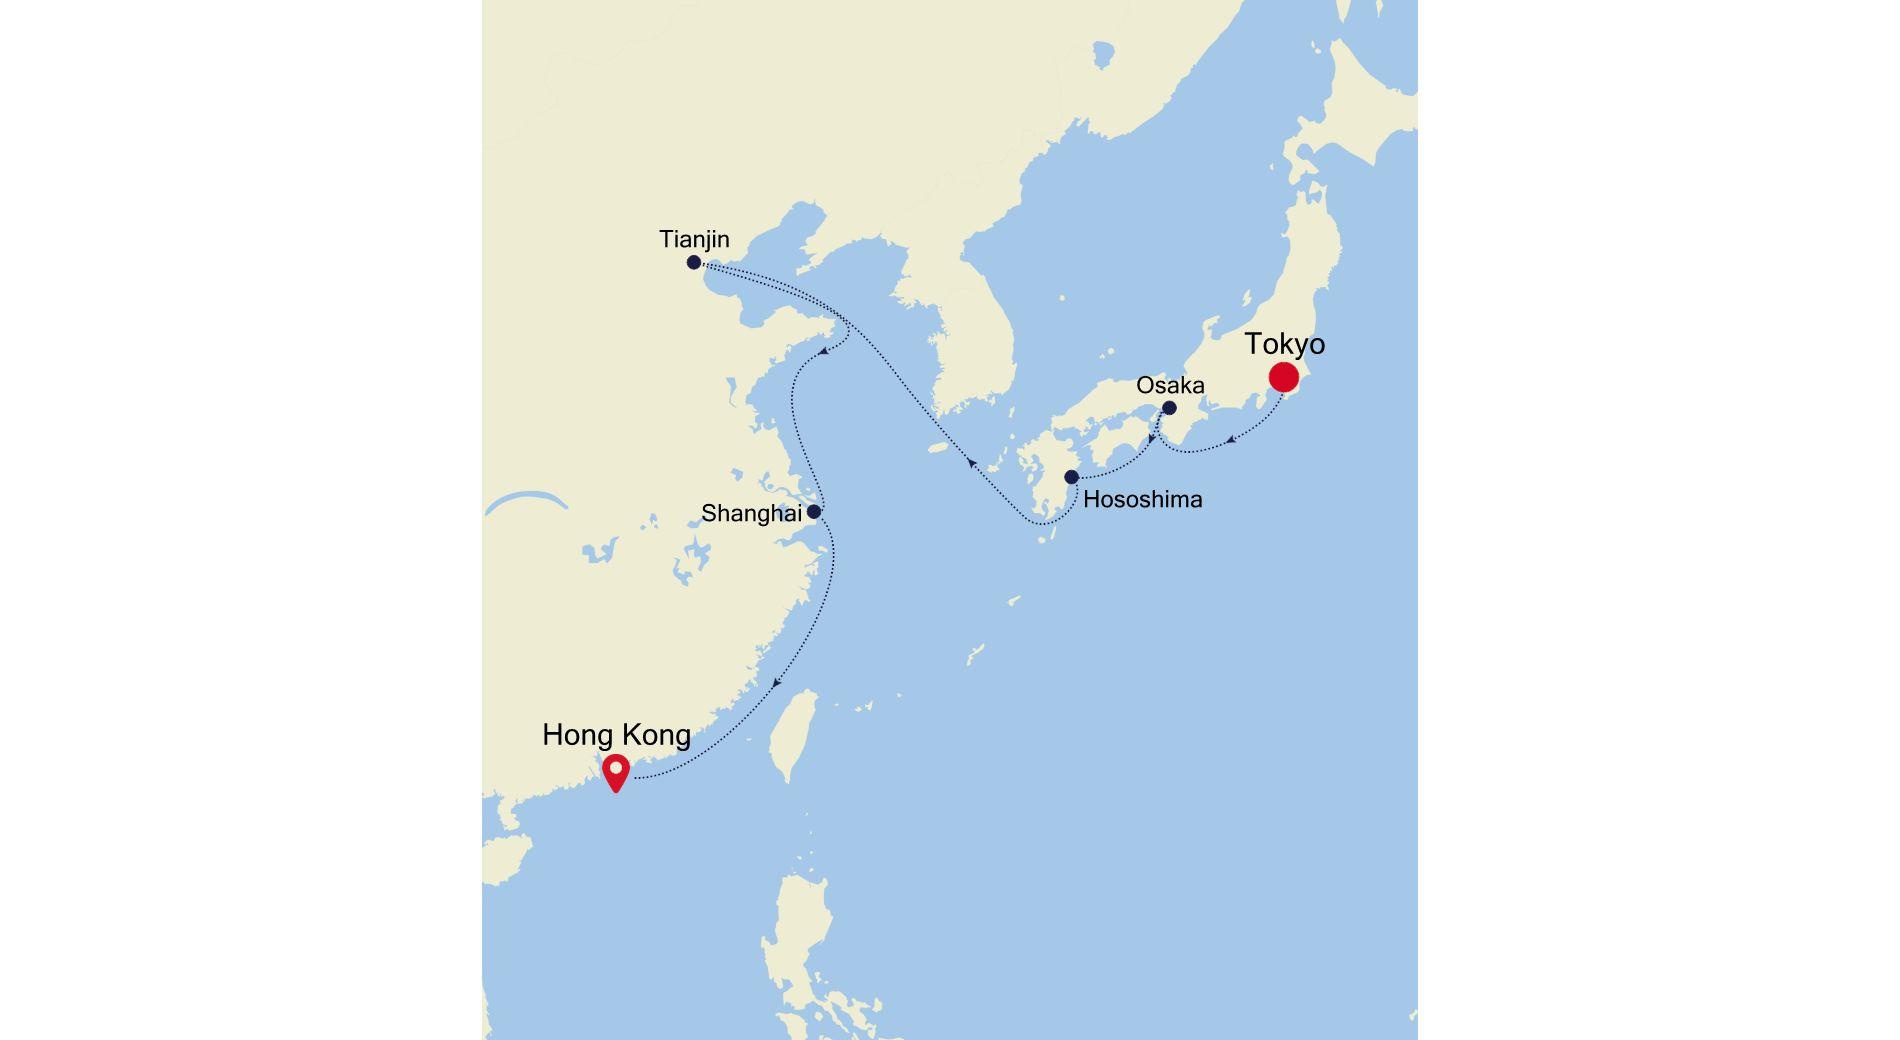 6928 - Tokyo to Hong Kong